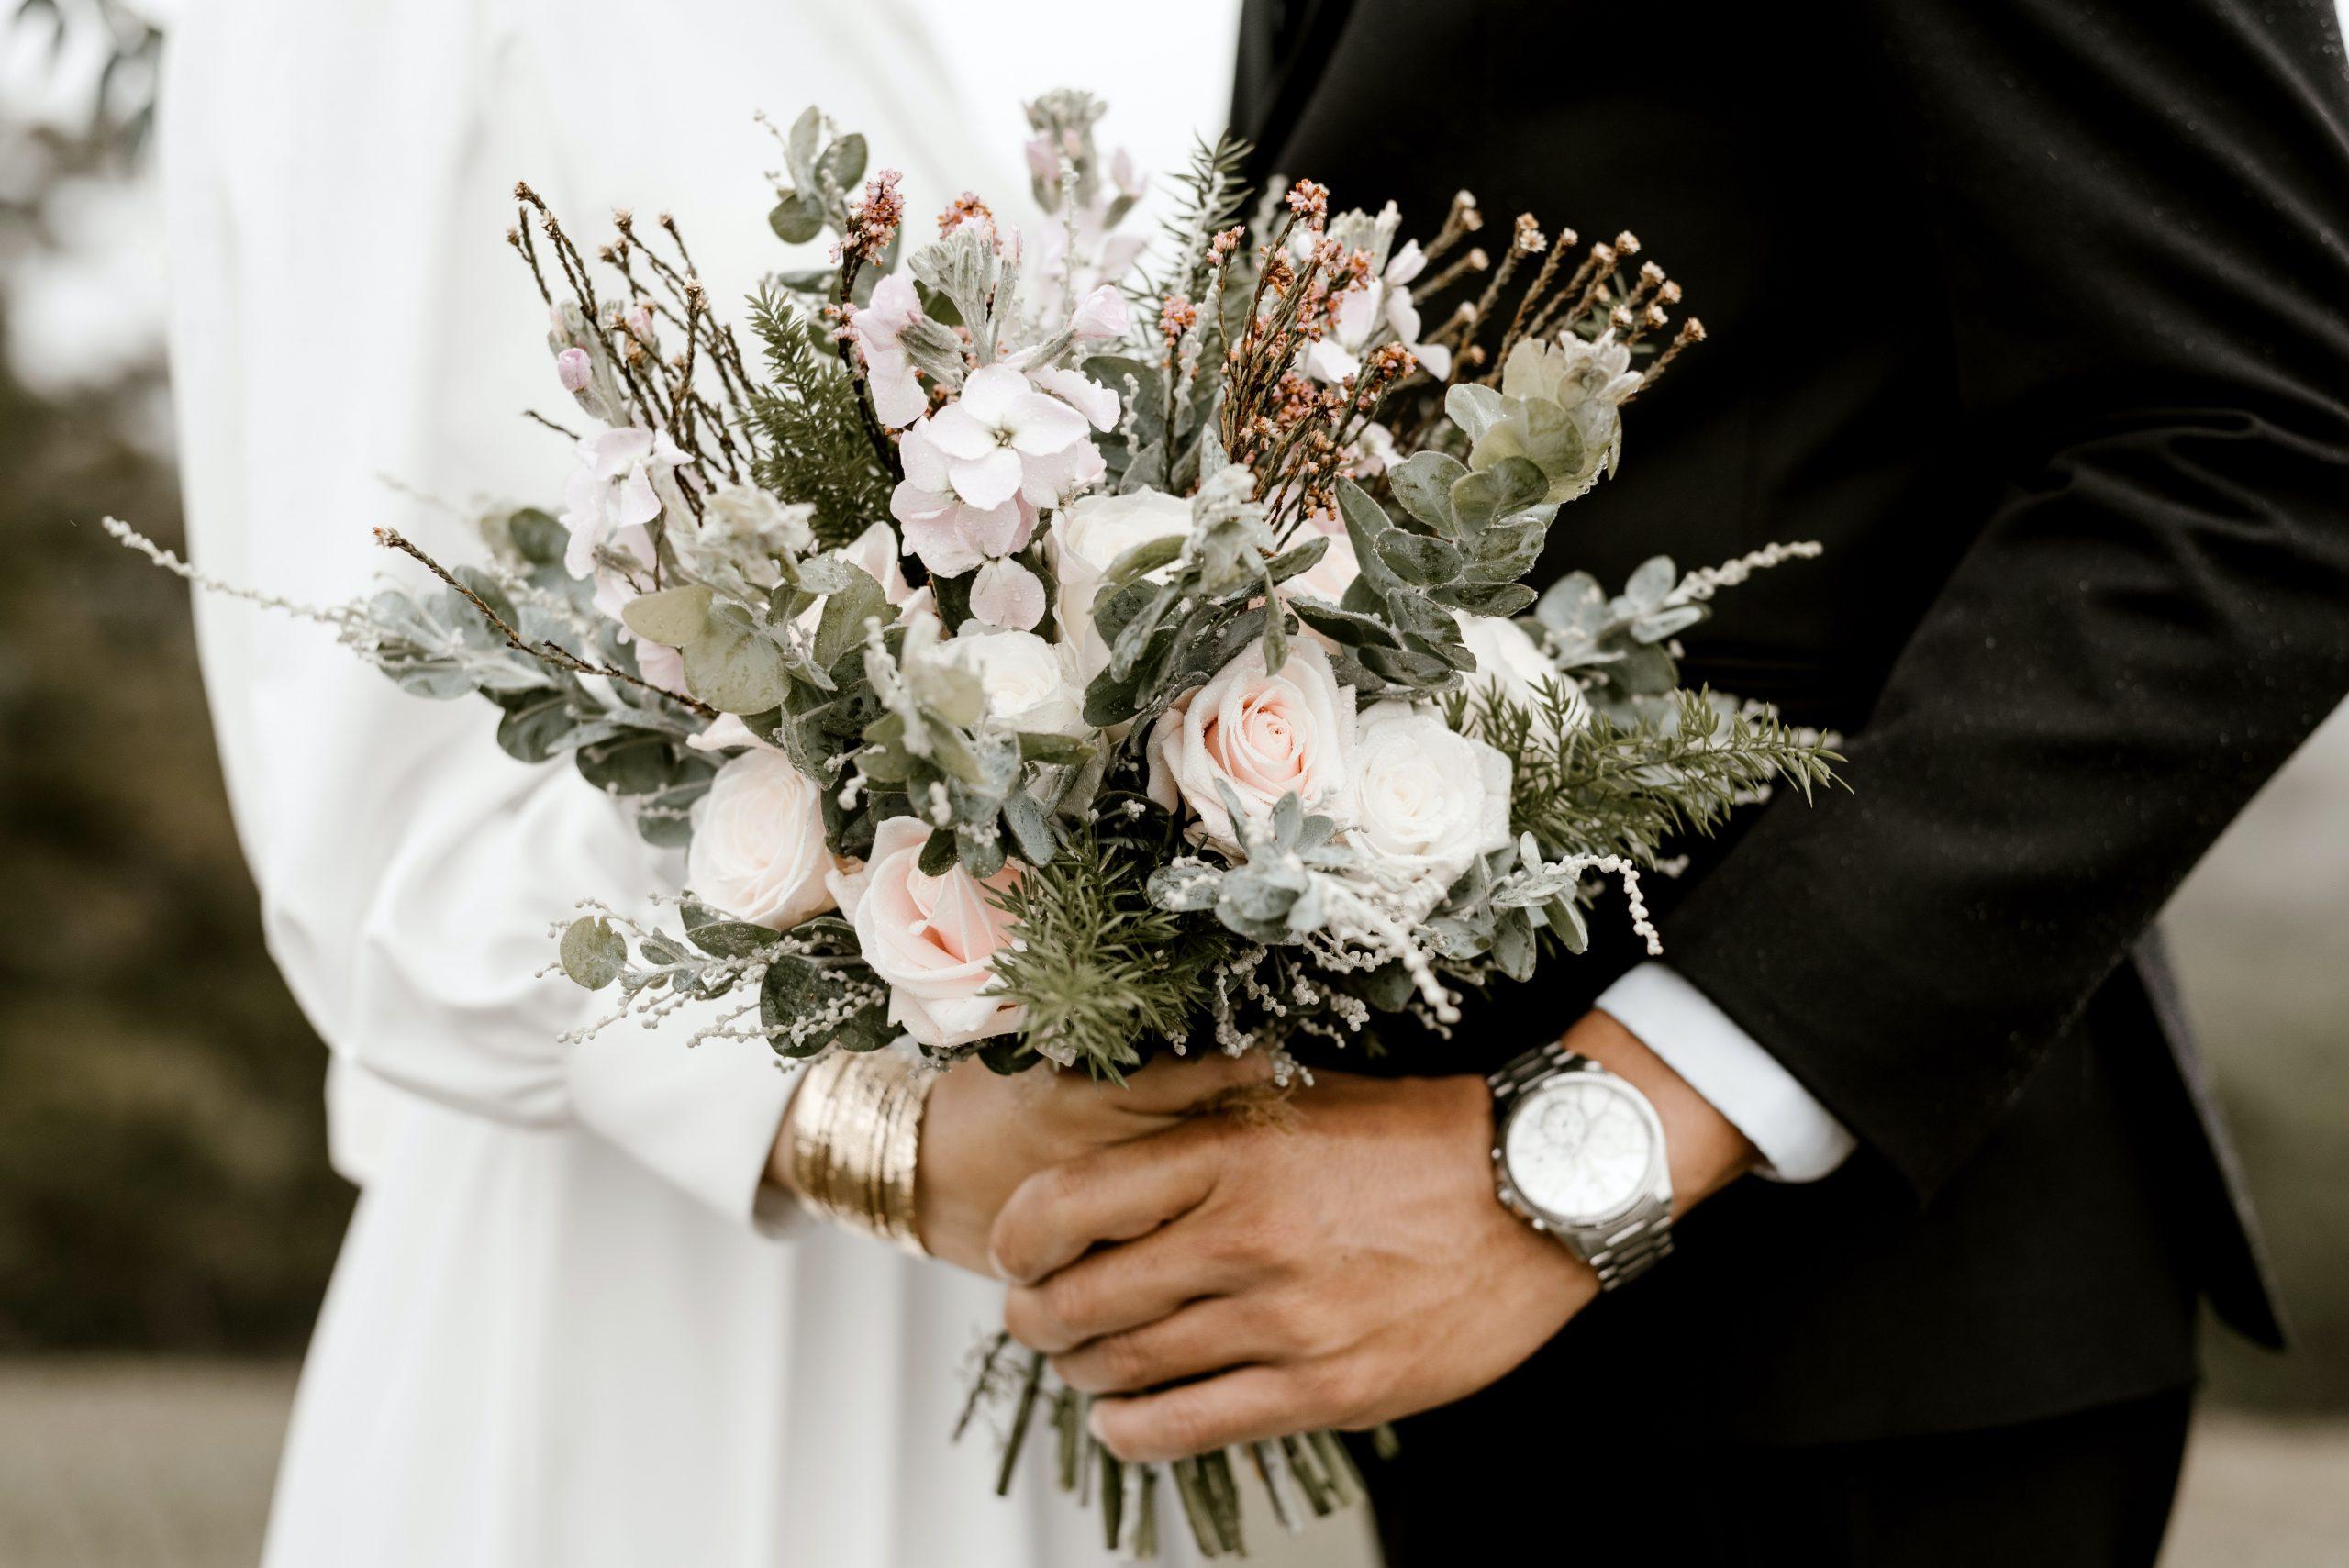 Couple holding wedding flowers.